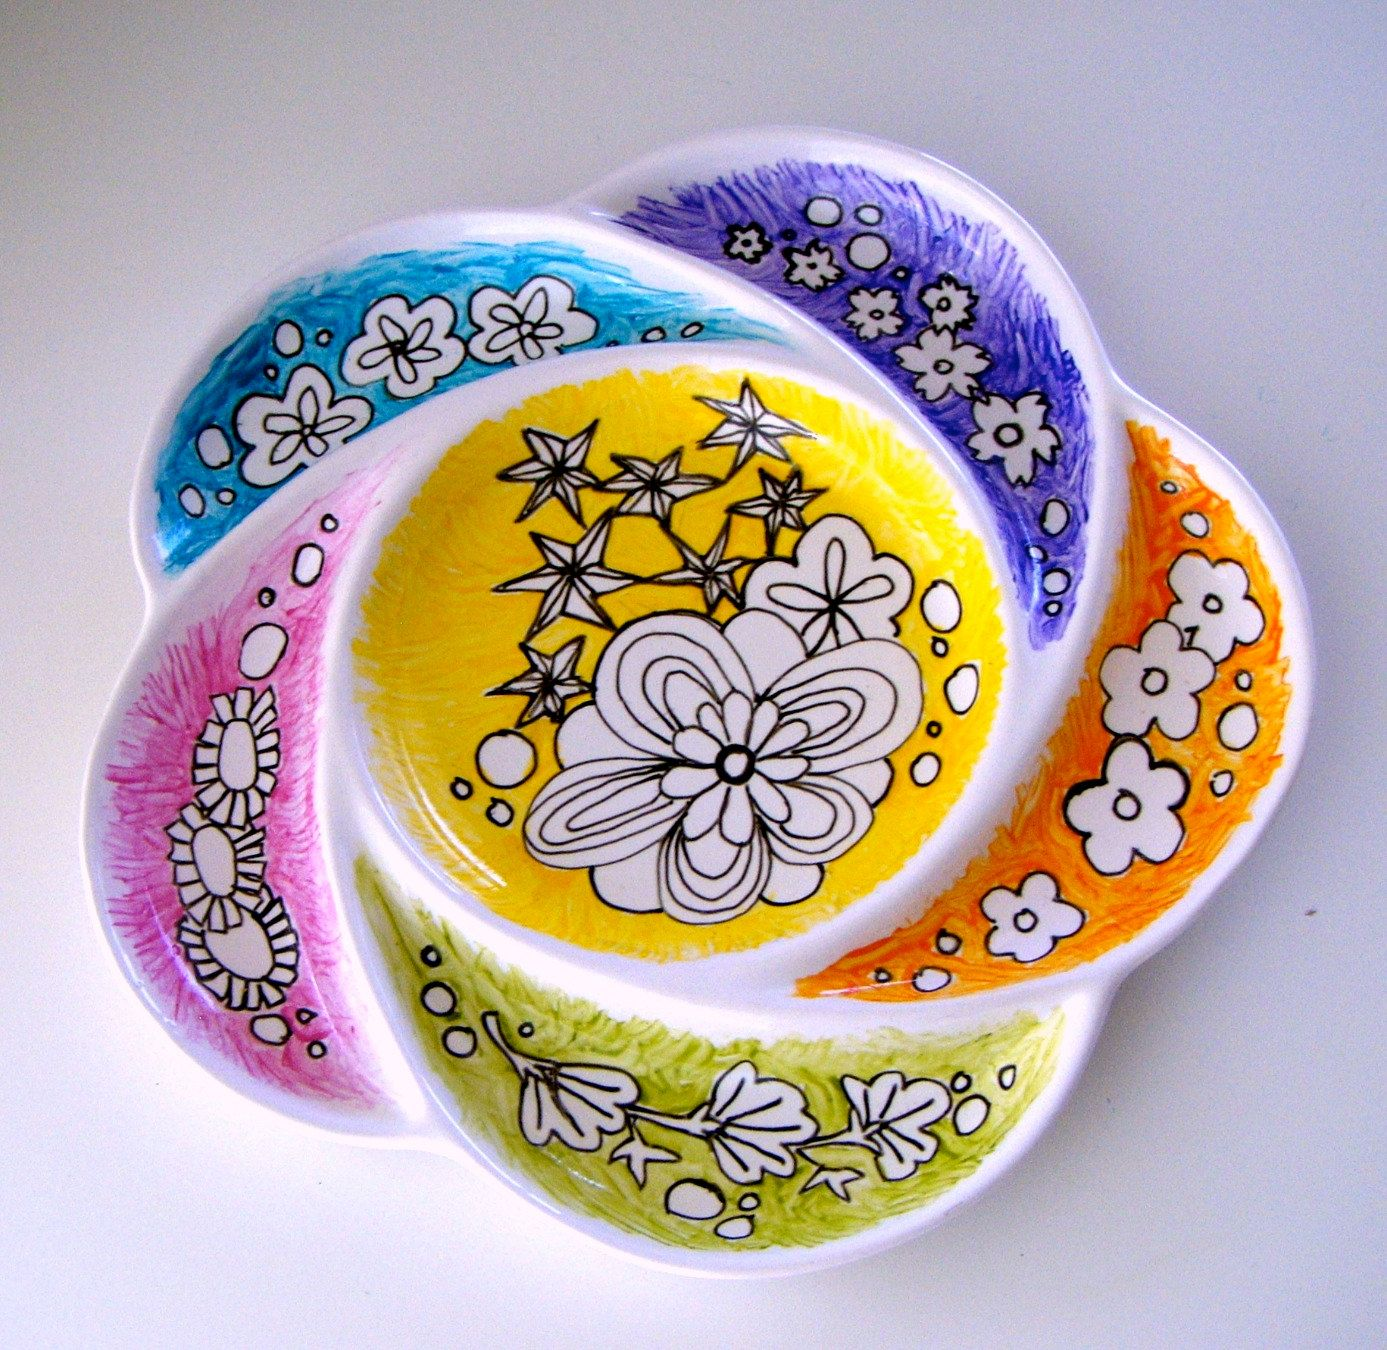 Ceramic Plate Serving Platter Flower  sc 1 st  Pinterest & Ceramic Plate Serving Platter Flower   ????? ???????????? ...